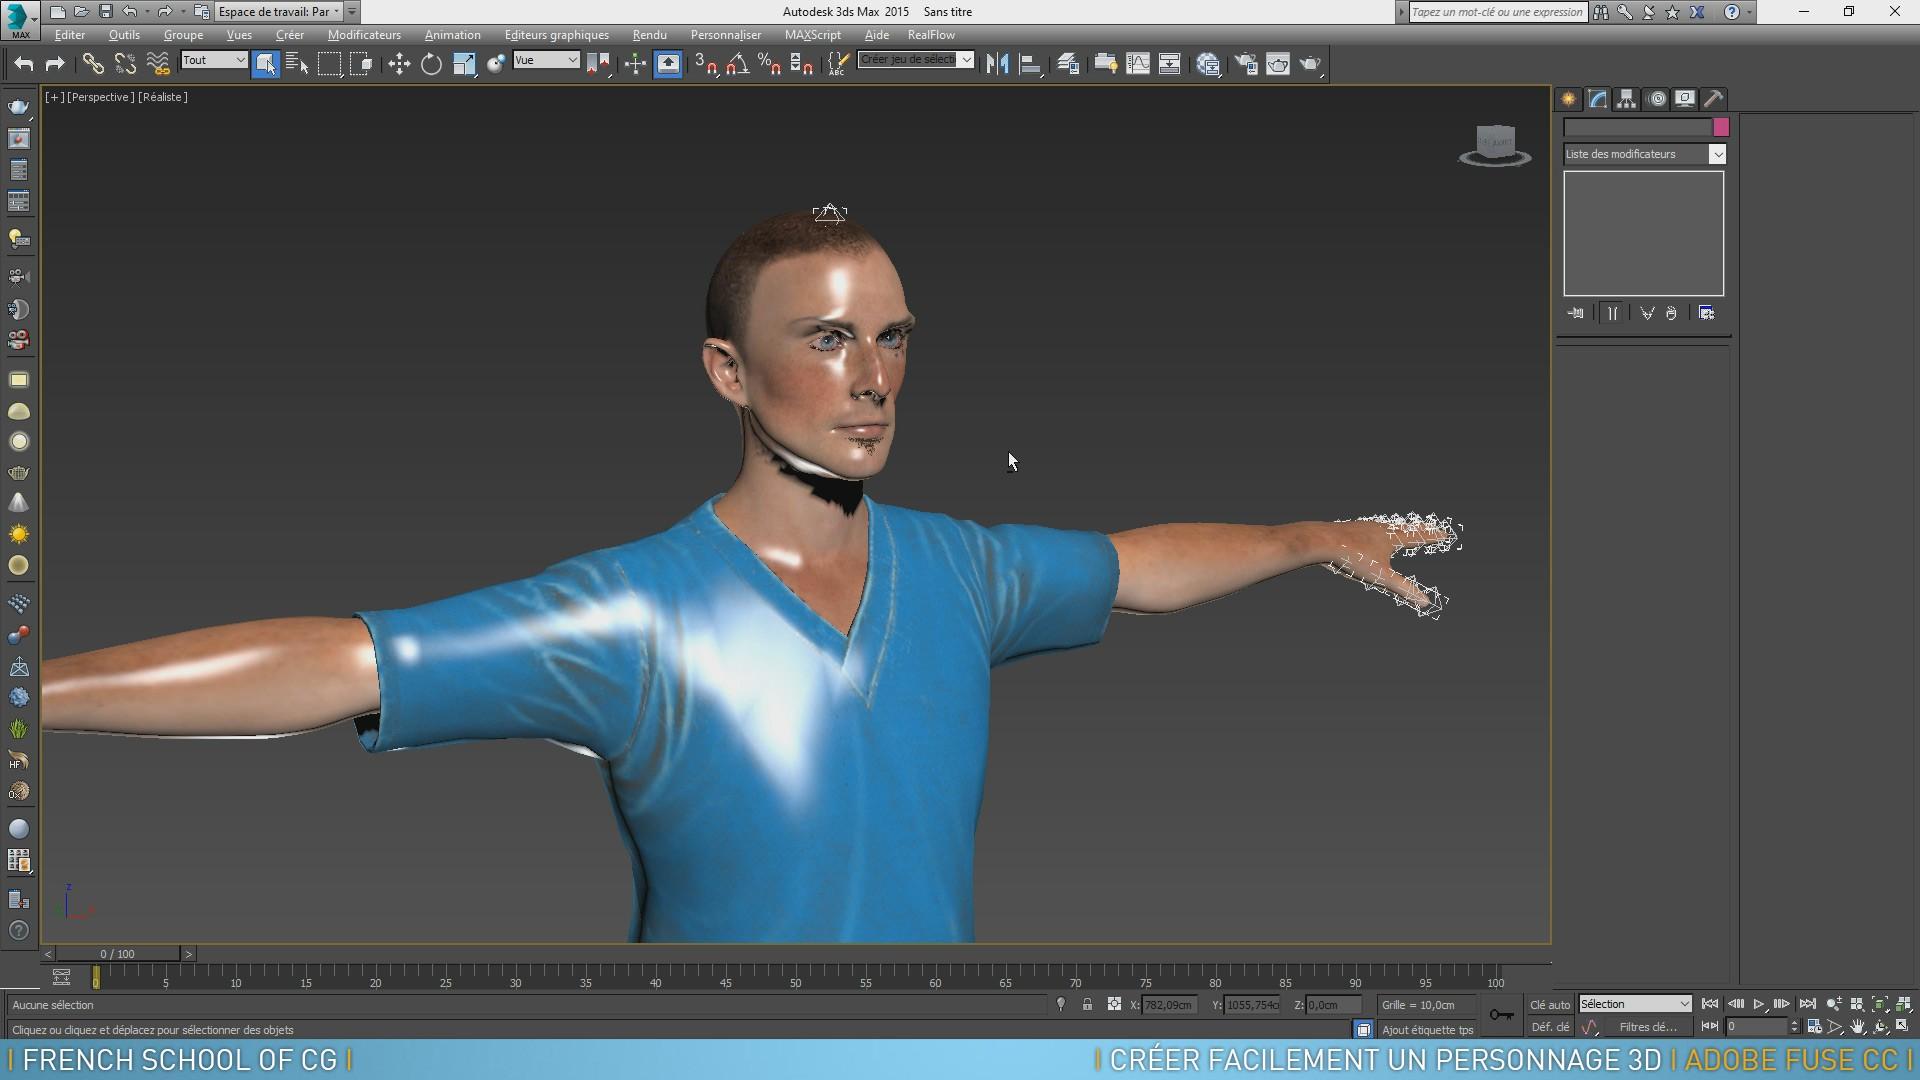 Apprendre l'animation de personnages 3D avec 3ds Max et Character Studio. Dans ce tuto 3ds Max 2012 animé par Alain Maindron, formateur et expert en animation, vous apprendrez en tutoriel vidéo les techniques d'animation dans 3ds max appliquées aux bipèdes et quadrupèdes.